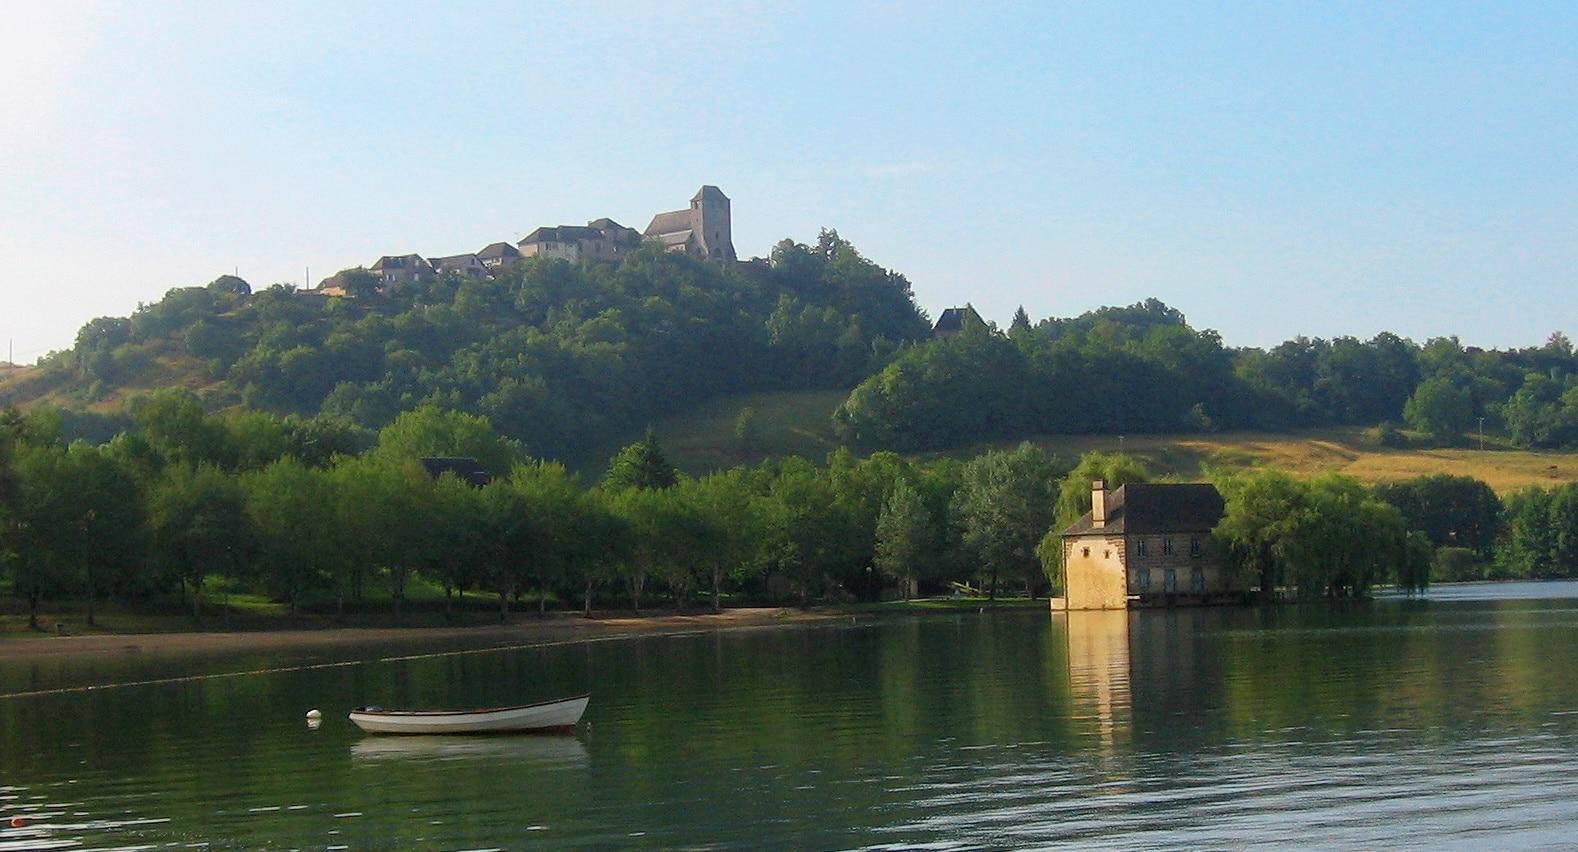 Bassin de Brive, Correze, France